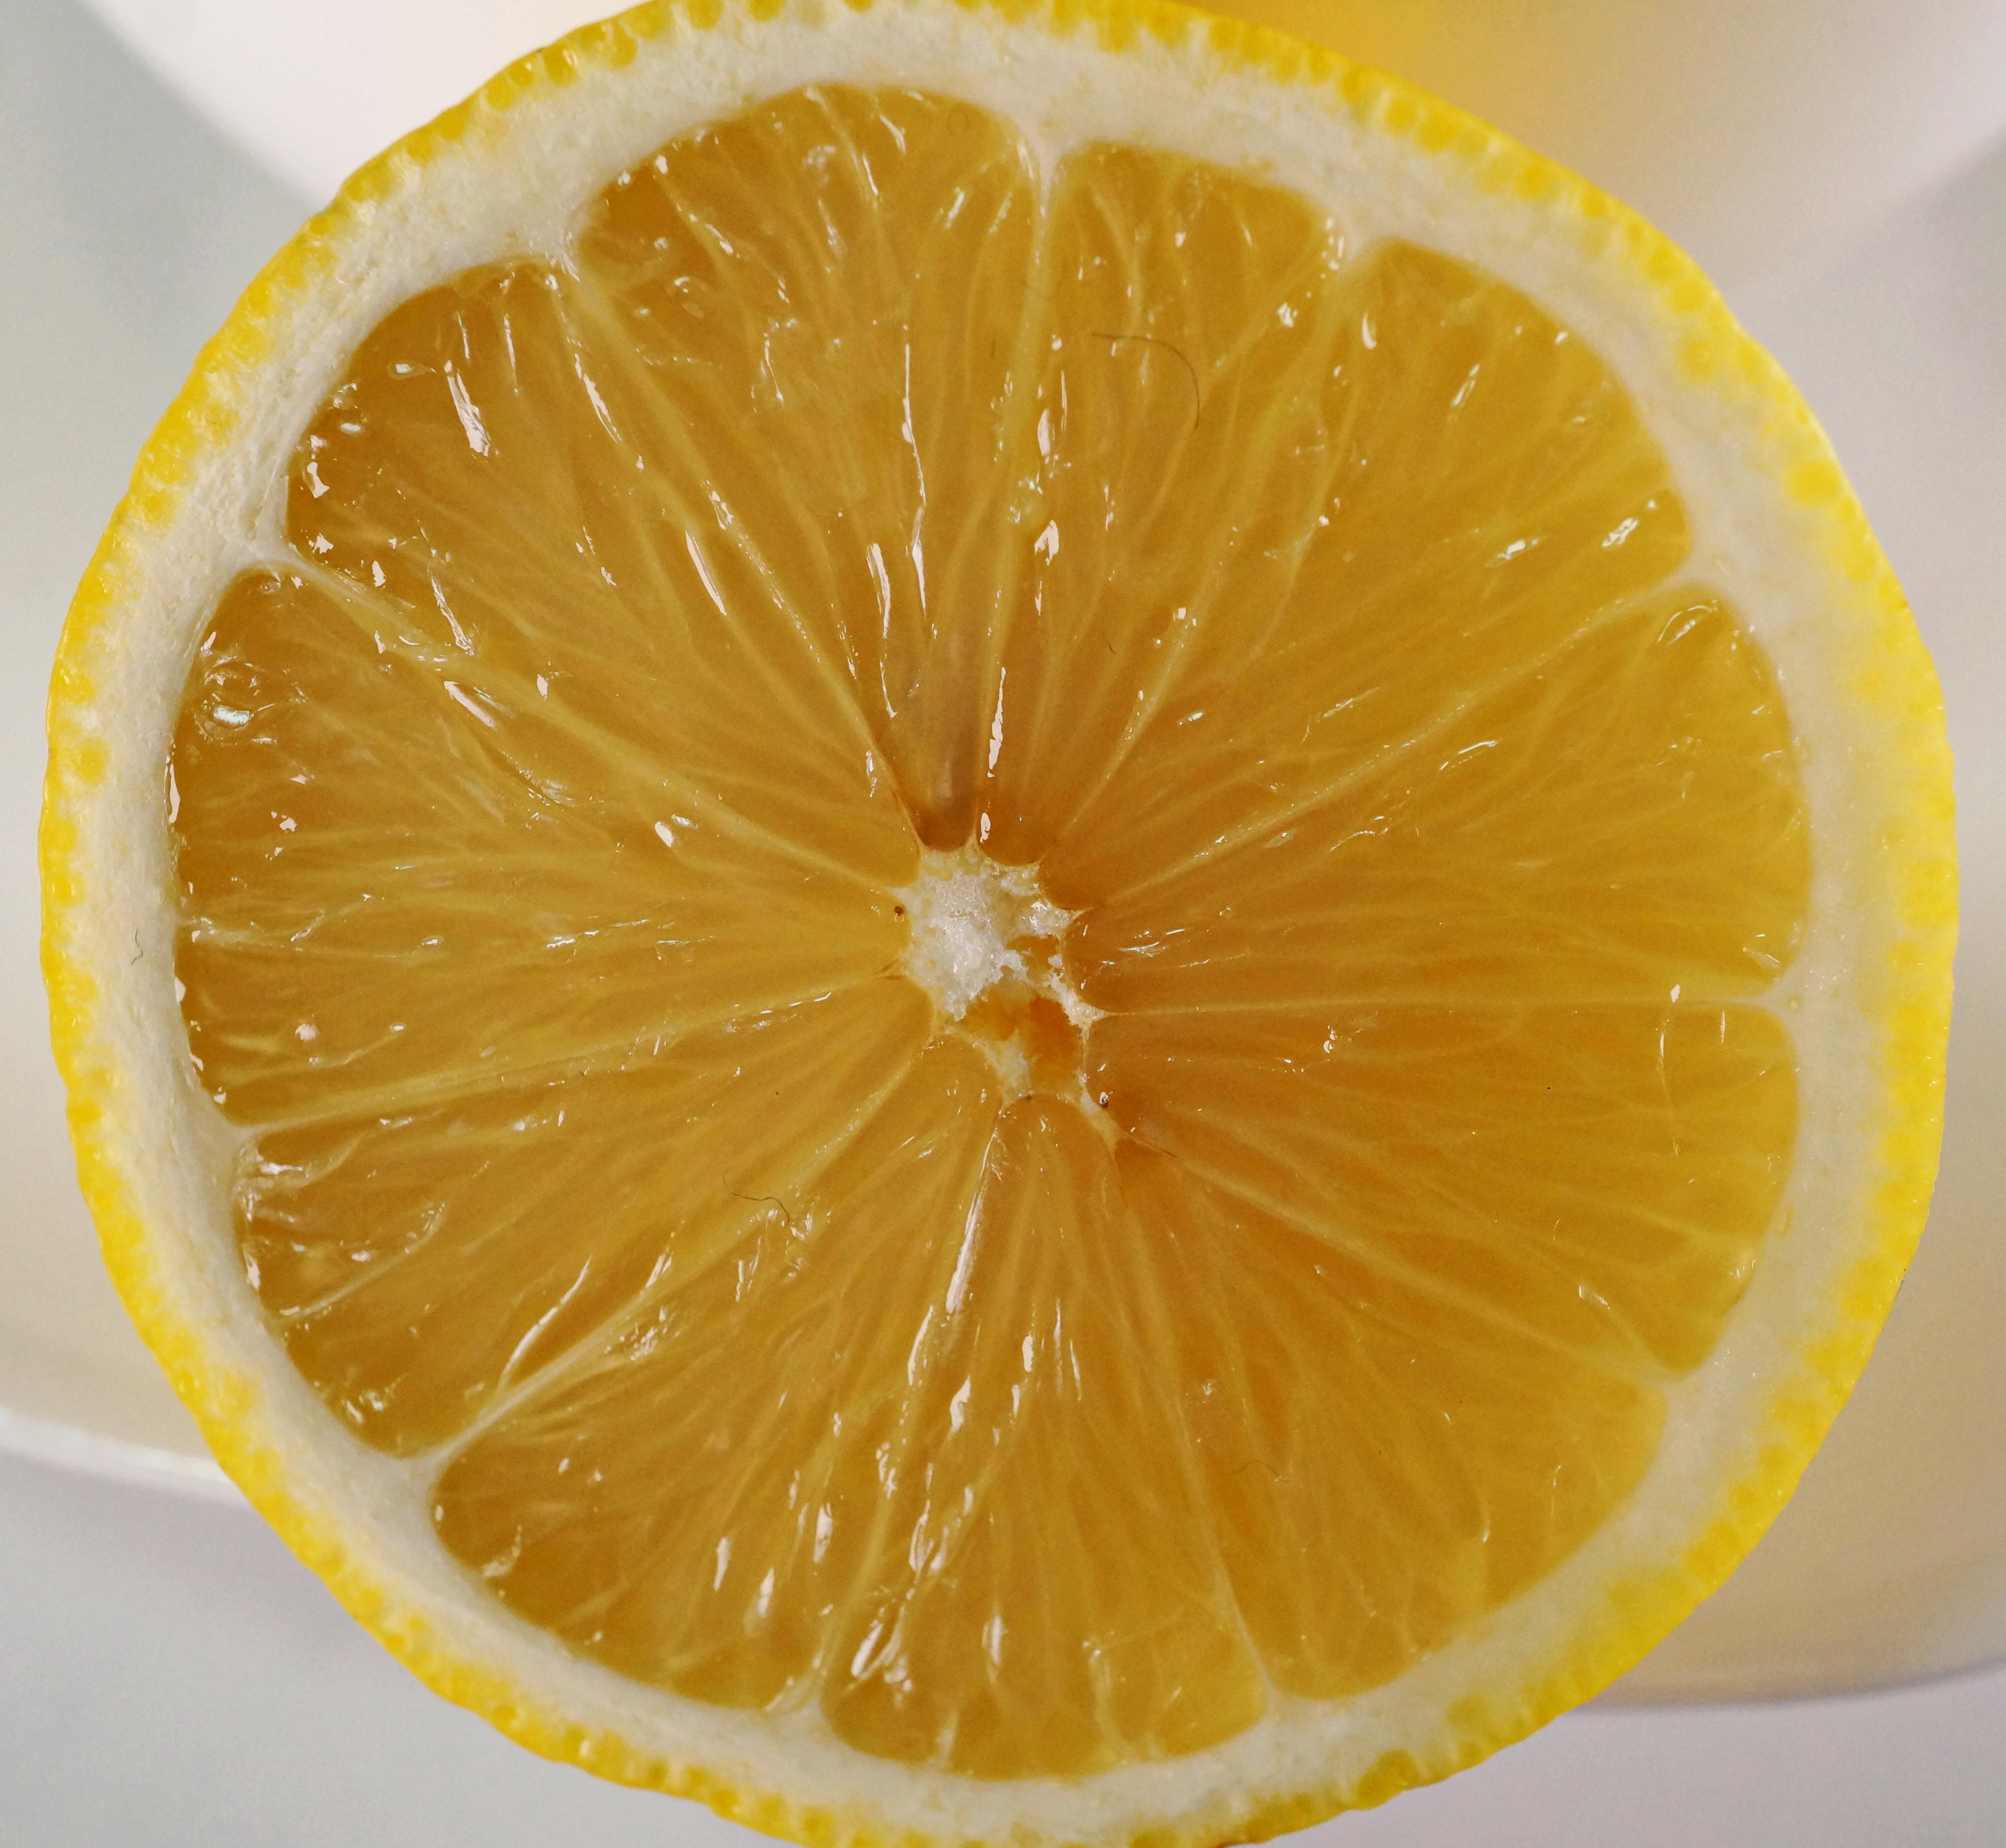 Zitrone DSC04726a.JPG